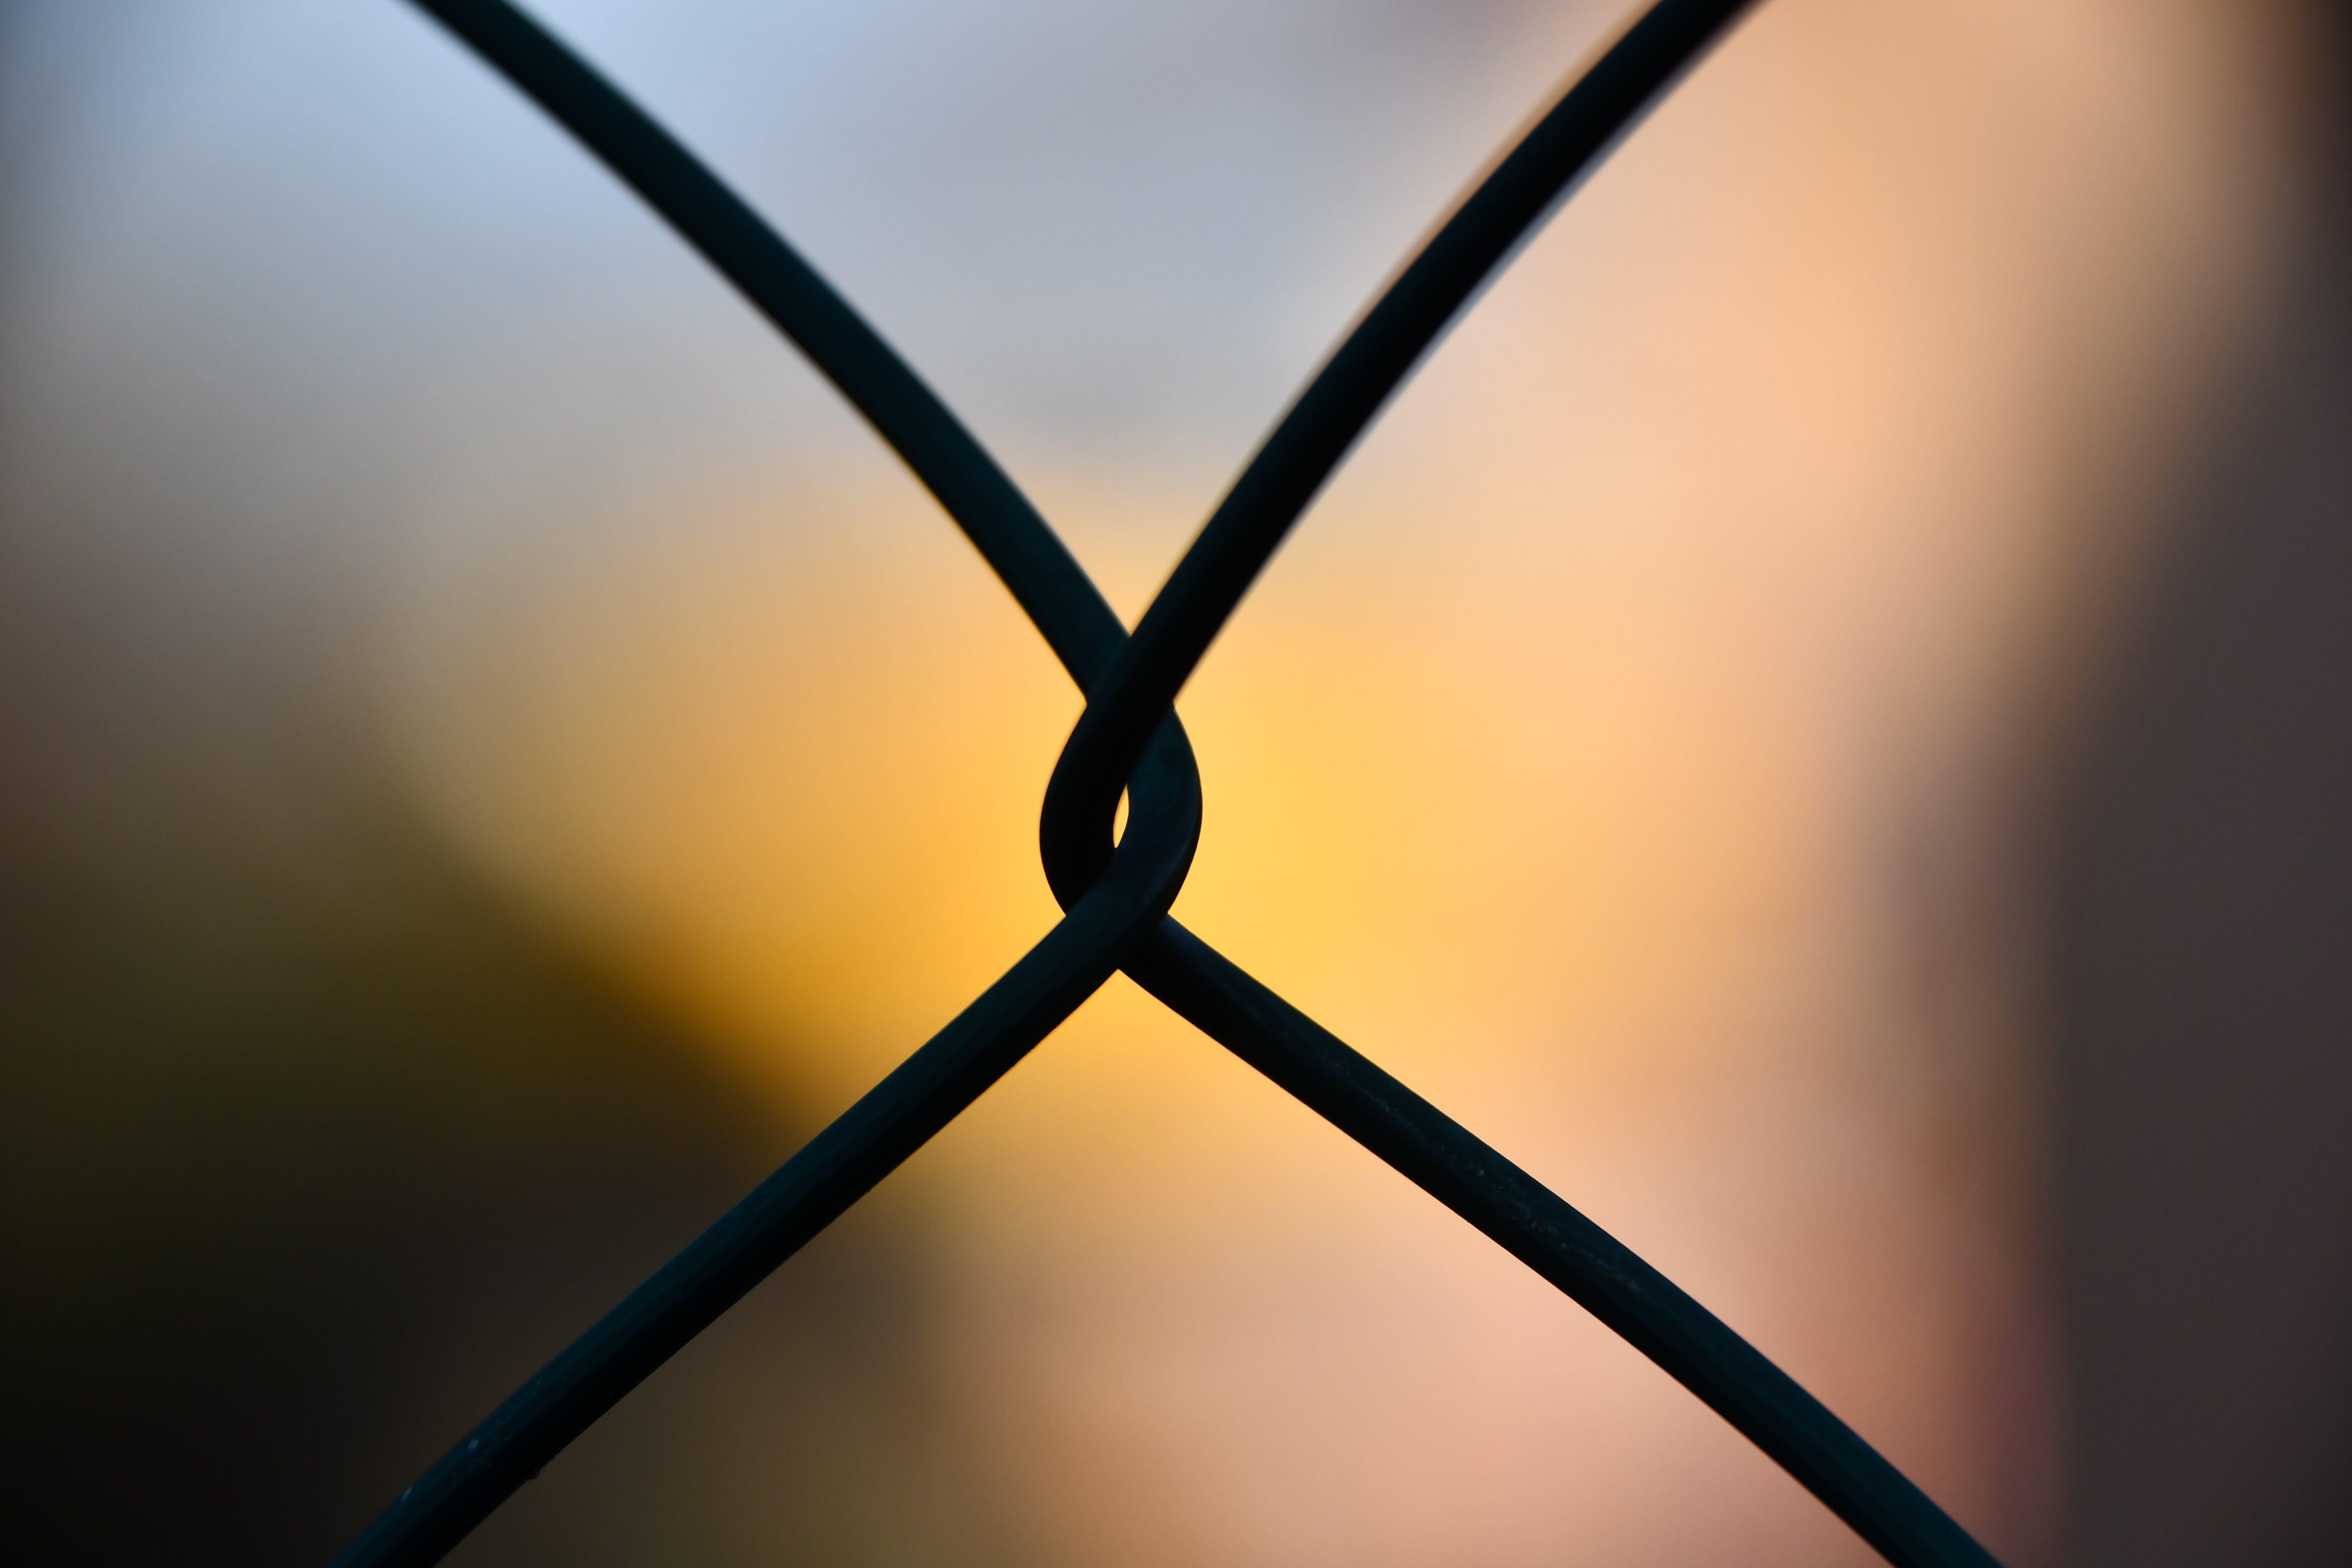 คลังภาพถ่ายฟรี ของ กั้นรั้ว, ตะวันลับฟ้า, พร่ามัว, พื้นหลังเบลอ